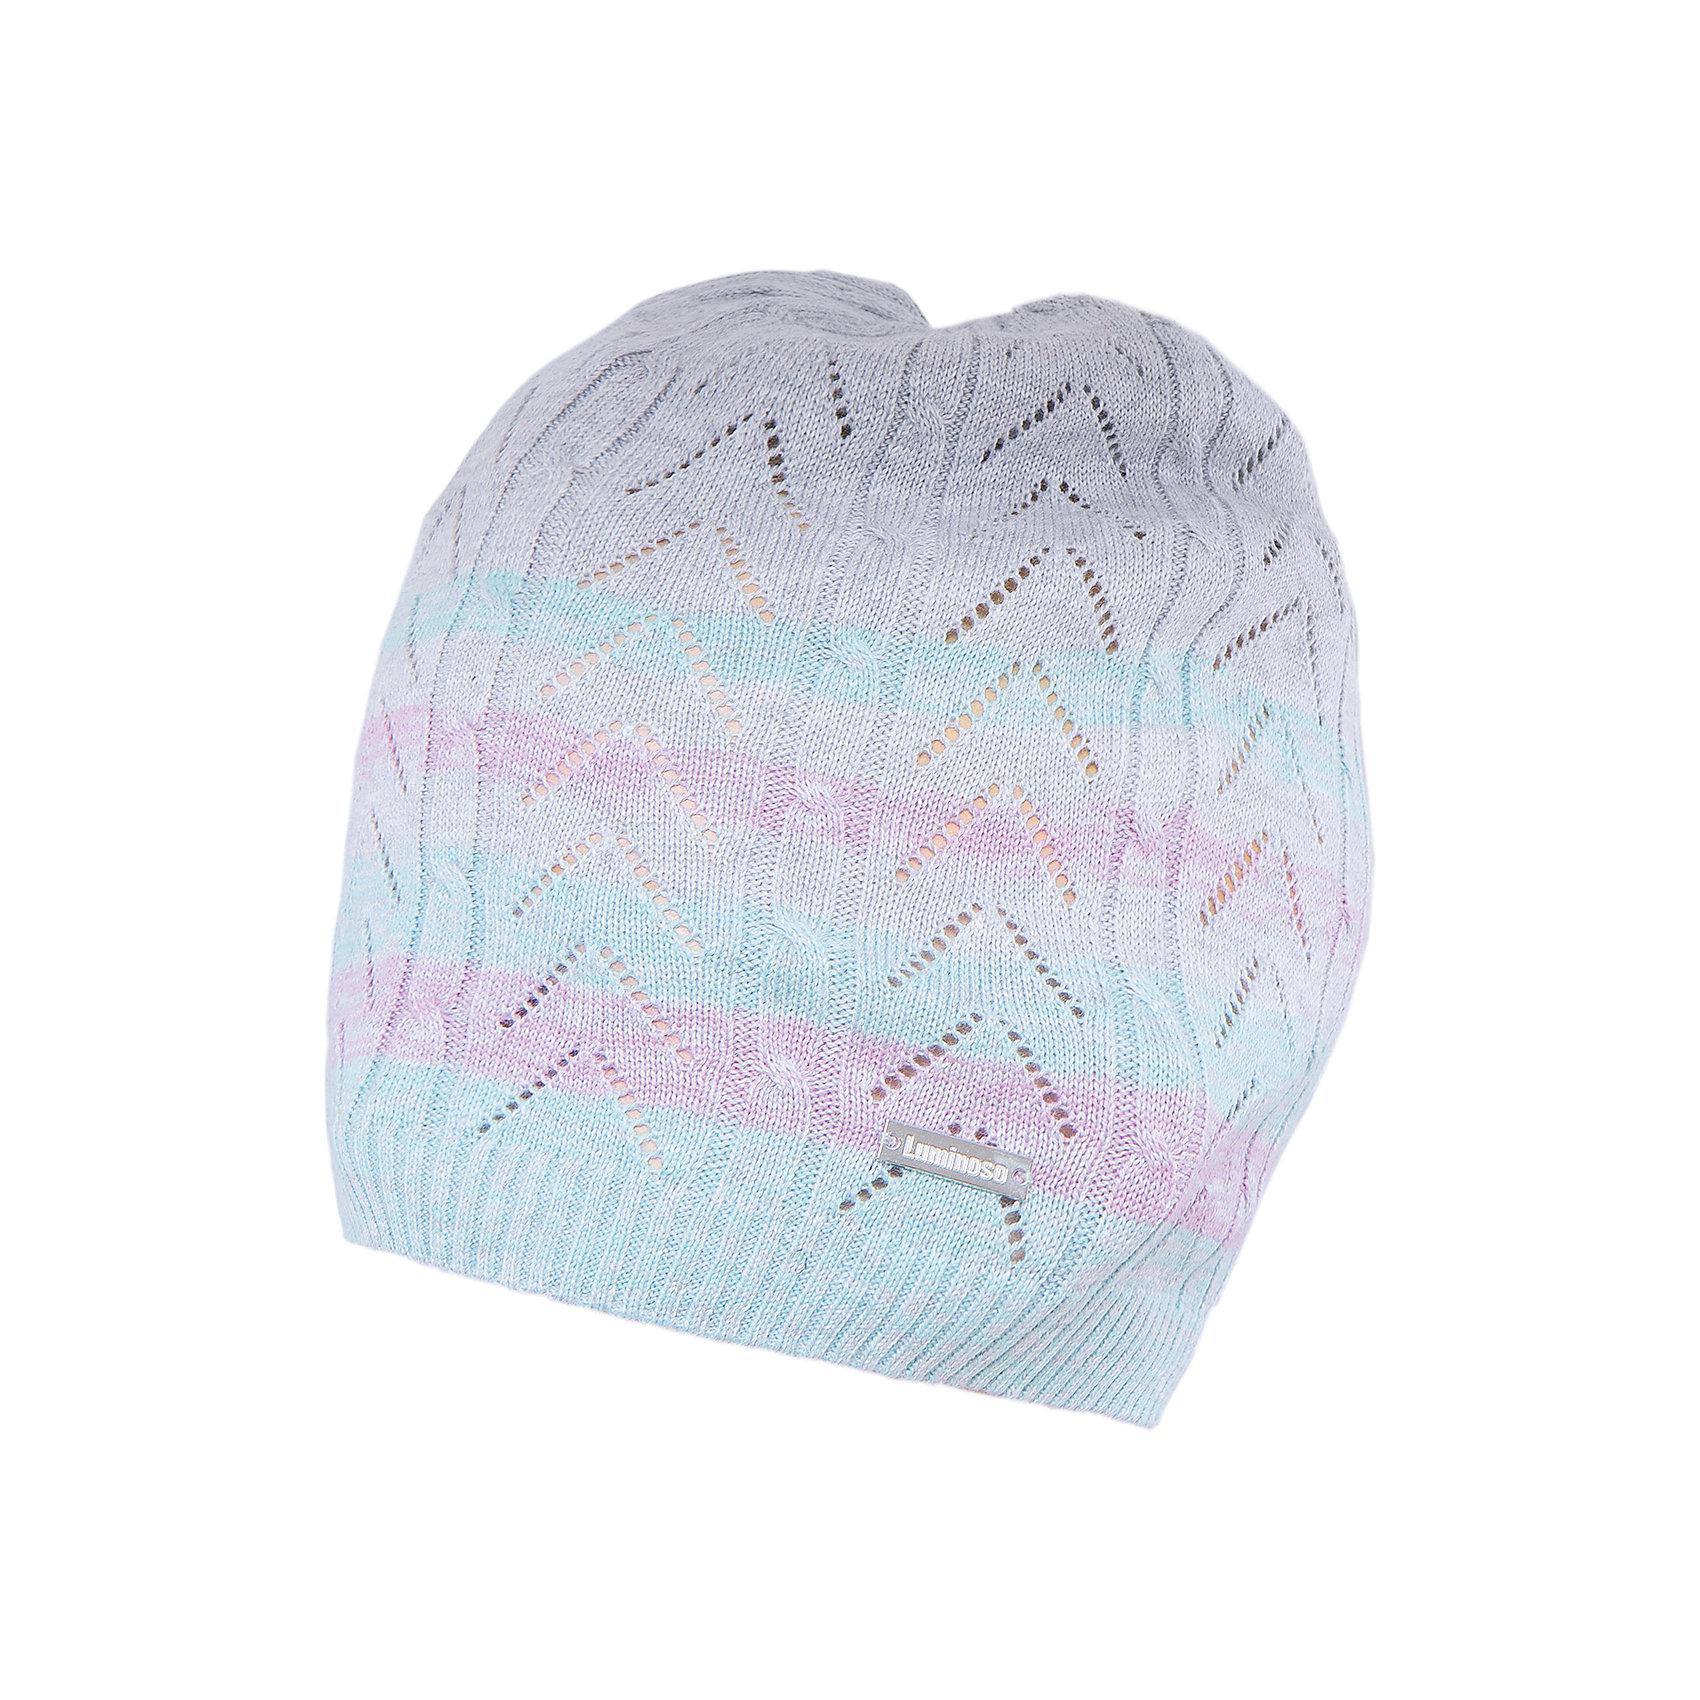 Шапка для девочки LuminosoХарактеристики товара:<br><br>- цвет: разноцветный;<br>- материал: 60% хлопок, 40% акрил;<br>- тонкая пряжа;<br>- резинка по низу;<br>- вязаный узор.<br><br>Стильная одежда от бренда Luminoso (Люминосо), созданная при участии итальянских дизайнеров, учитывает потребности подростков и последние веяния моды. Она удобная и модная.<br>Эта легкая вязаная шапка - для прохладной погоды. Она хорошо сидит на ребенке, обеспечивает комфорт и отлично сочетается с одежной разных стилей. Модель отличается высоким качеством пряжи и продуманным дизайном.<br><br>Шапку для девочки от бренда Luminoso (Люминосо) можно купить в нашем интернет-магазине.<br><br>Ширина мм: 89<br>Глубина мм: 117<br>Высота мм: 44<br>Вес г: 155<br>Цвет: серый<br>Возраст от месяцев: 72<br>Возраст до месяцев: 84<br>Пол: Женский<br>Возраст: Детский<br>Размер: 54,56<br>SKU: 4929464